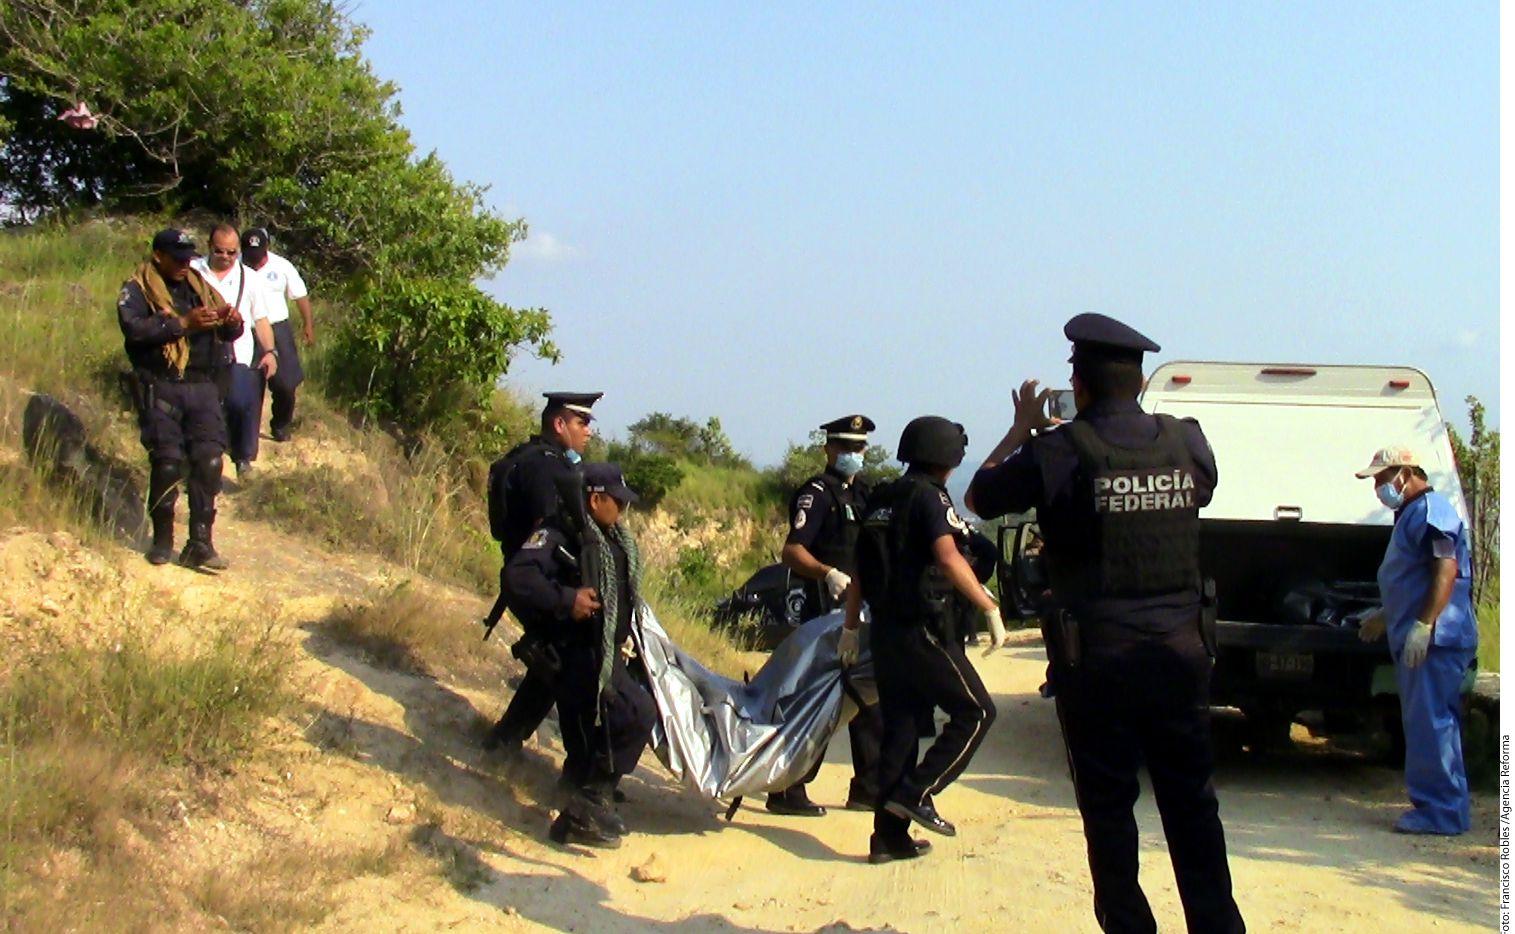 En la zona conocida como parque estatal El Veladero en Acapulco agentes de la Policía Federal hallaron los cuerpos enterrados de dos personas en octubre. (AGENCIA REFORMA)